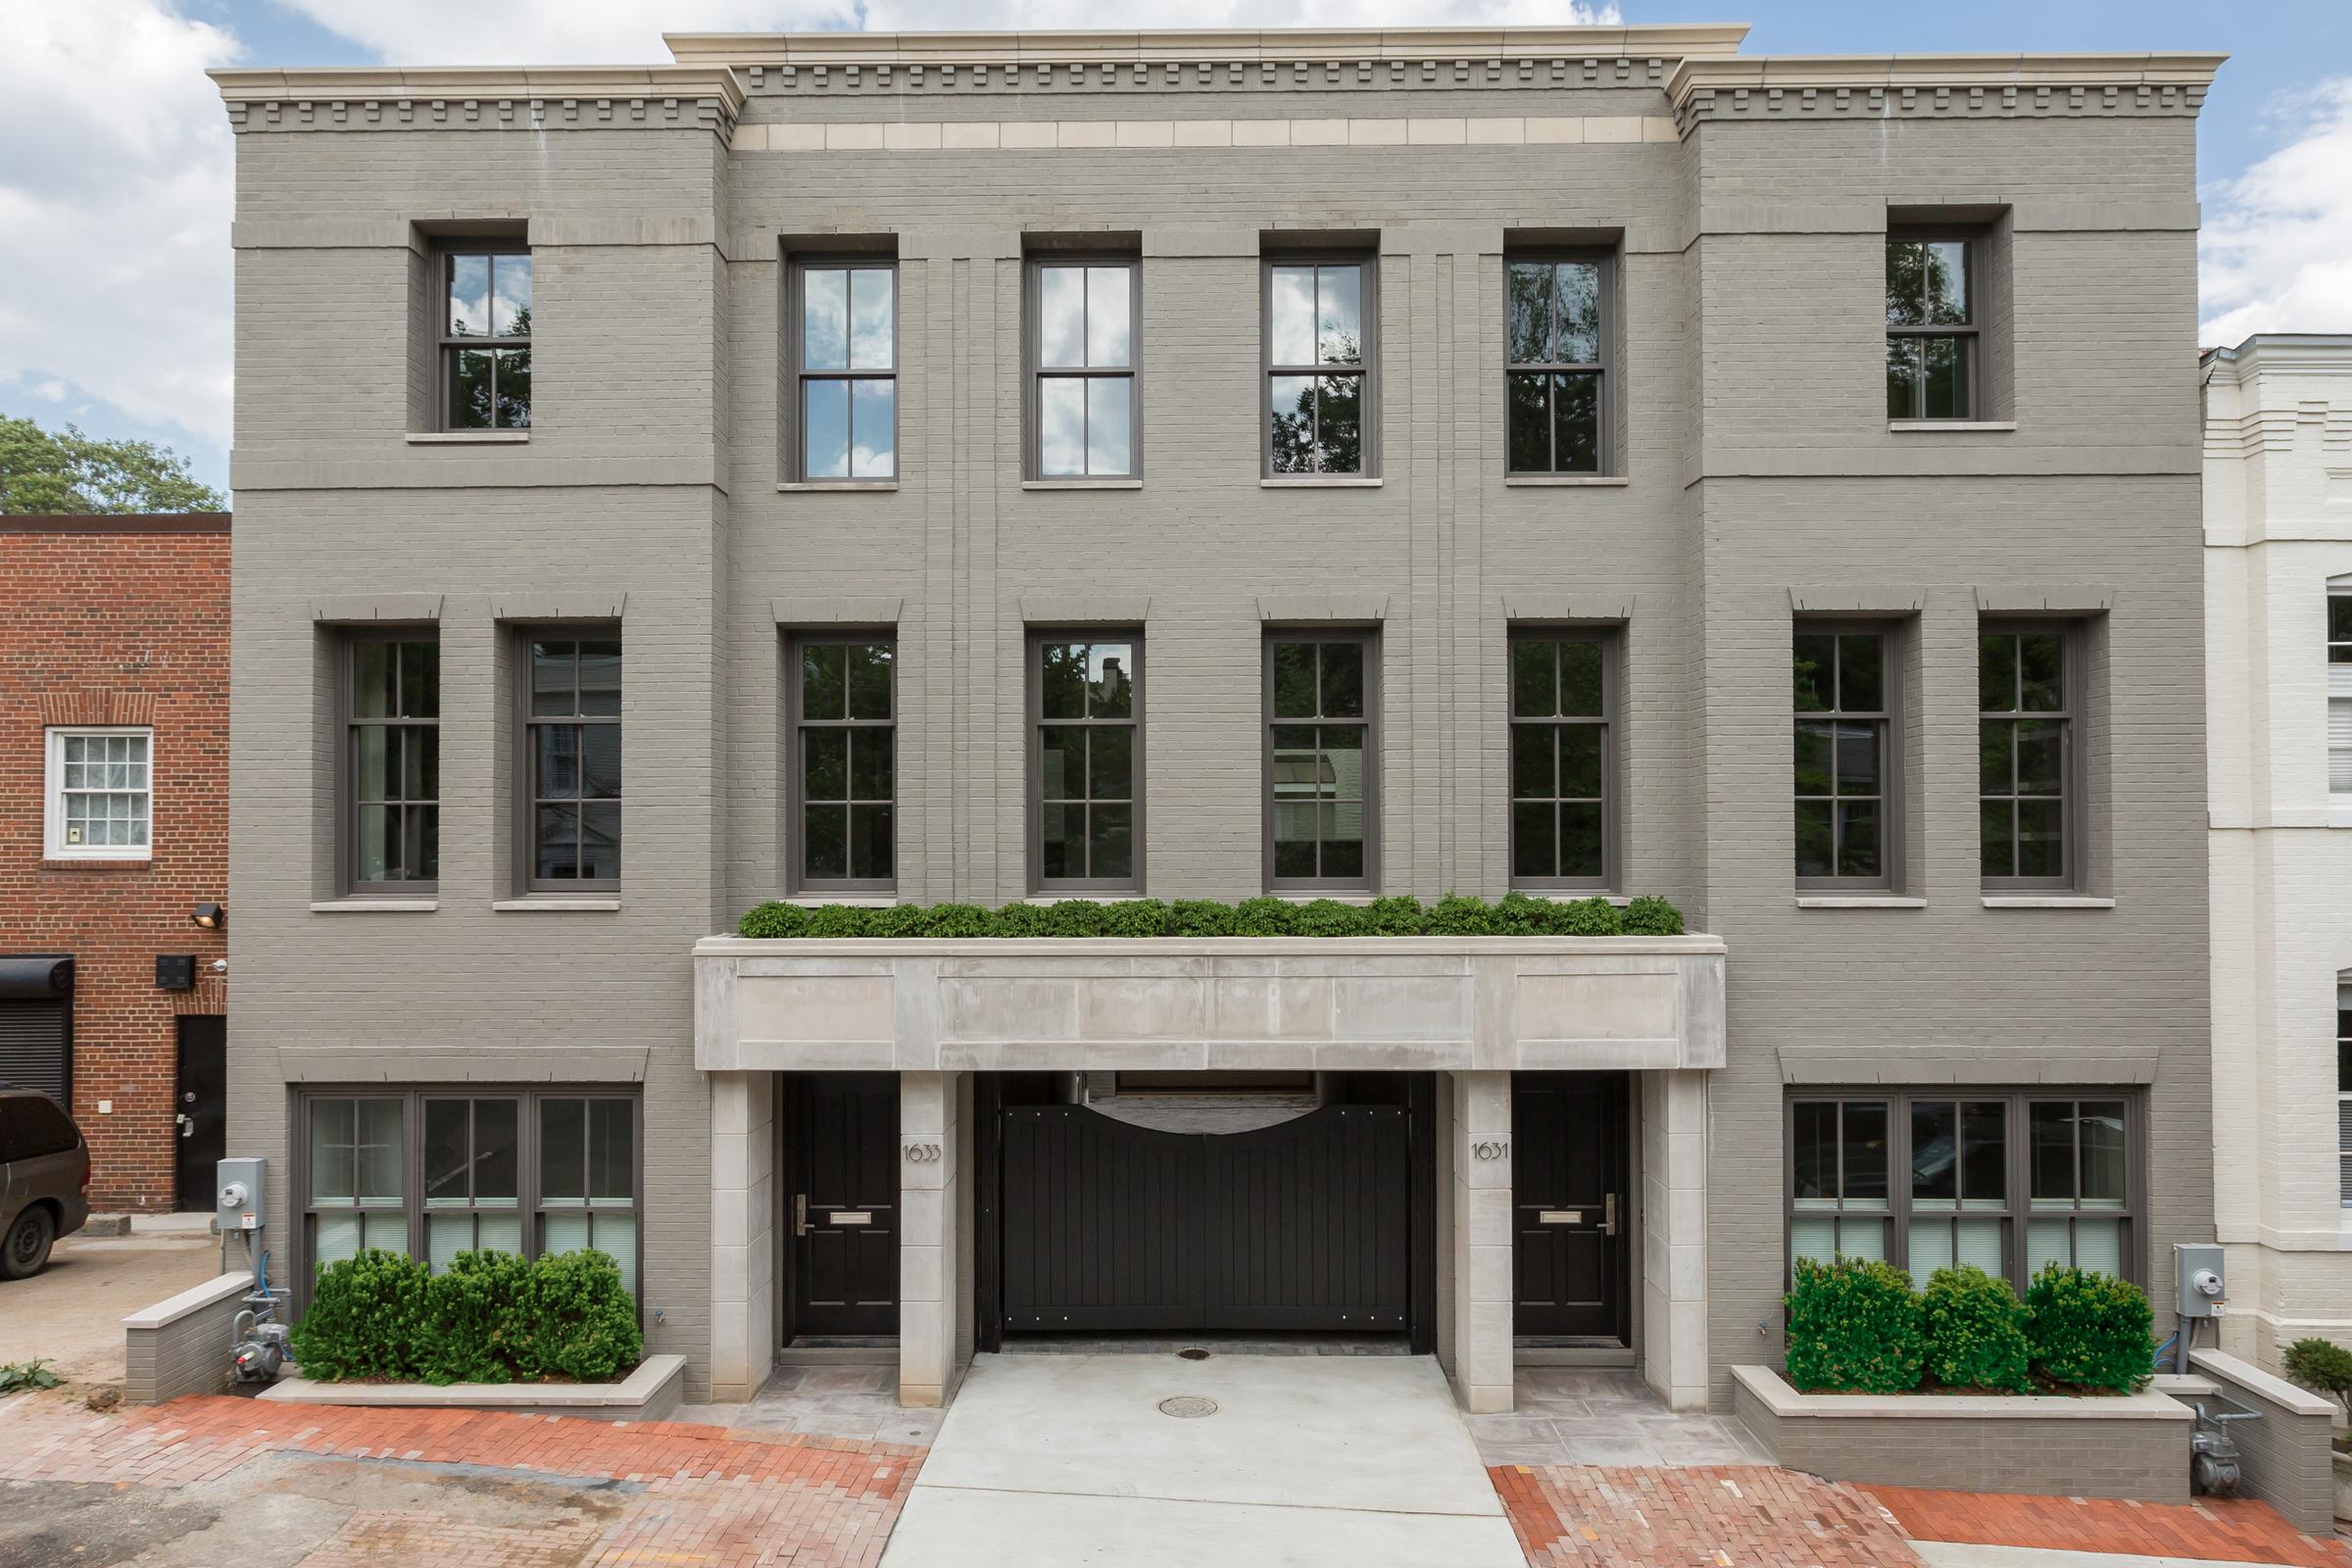 タウンハウス のために 売買 アット Georgetown 1631 33rd Street NW Georgetown, Washington, コロンビア特別区 20007 アメリカ合衆国